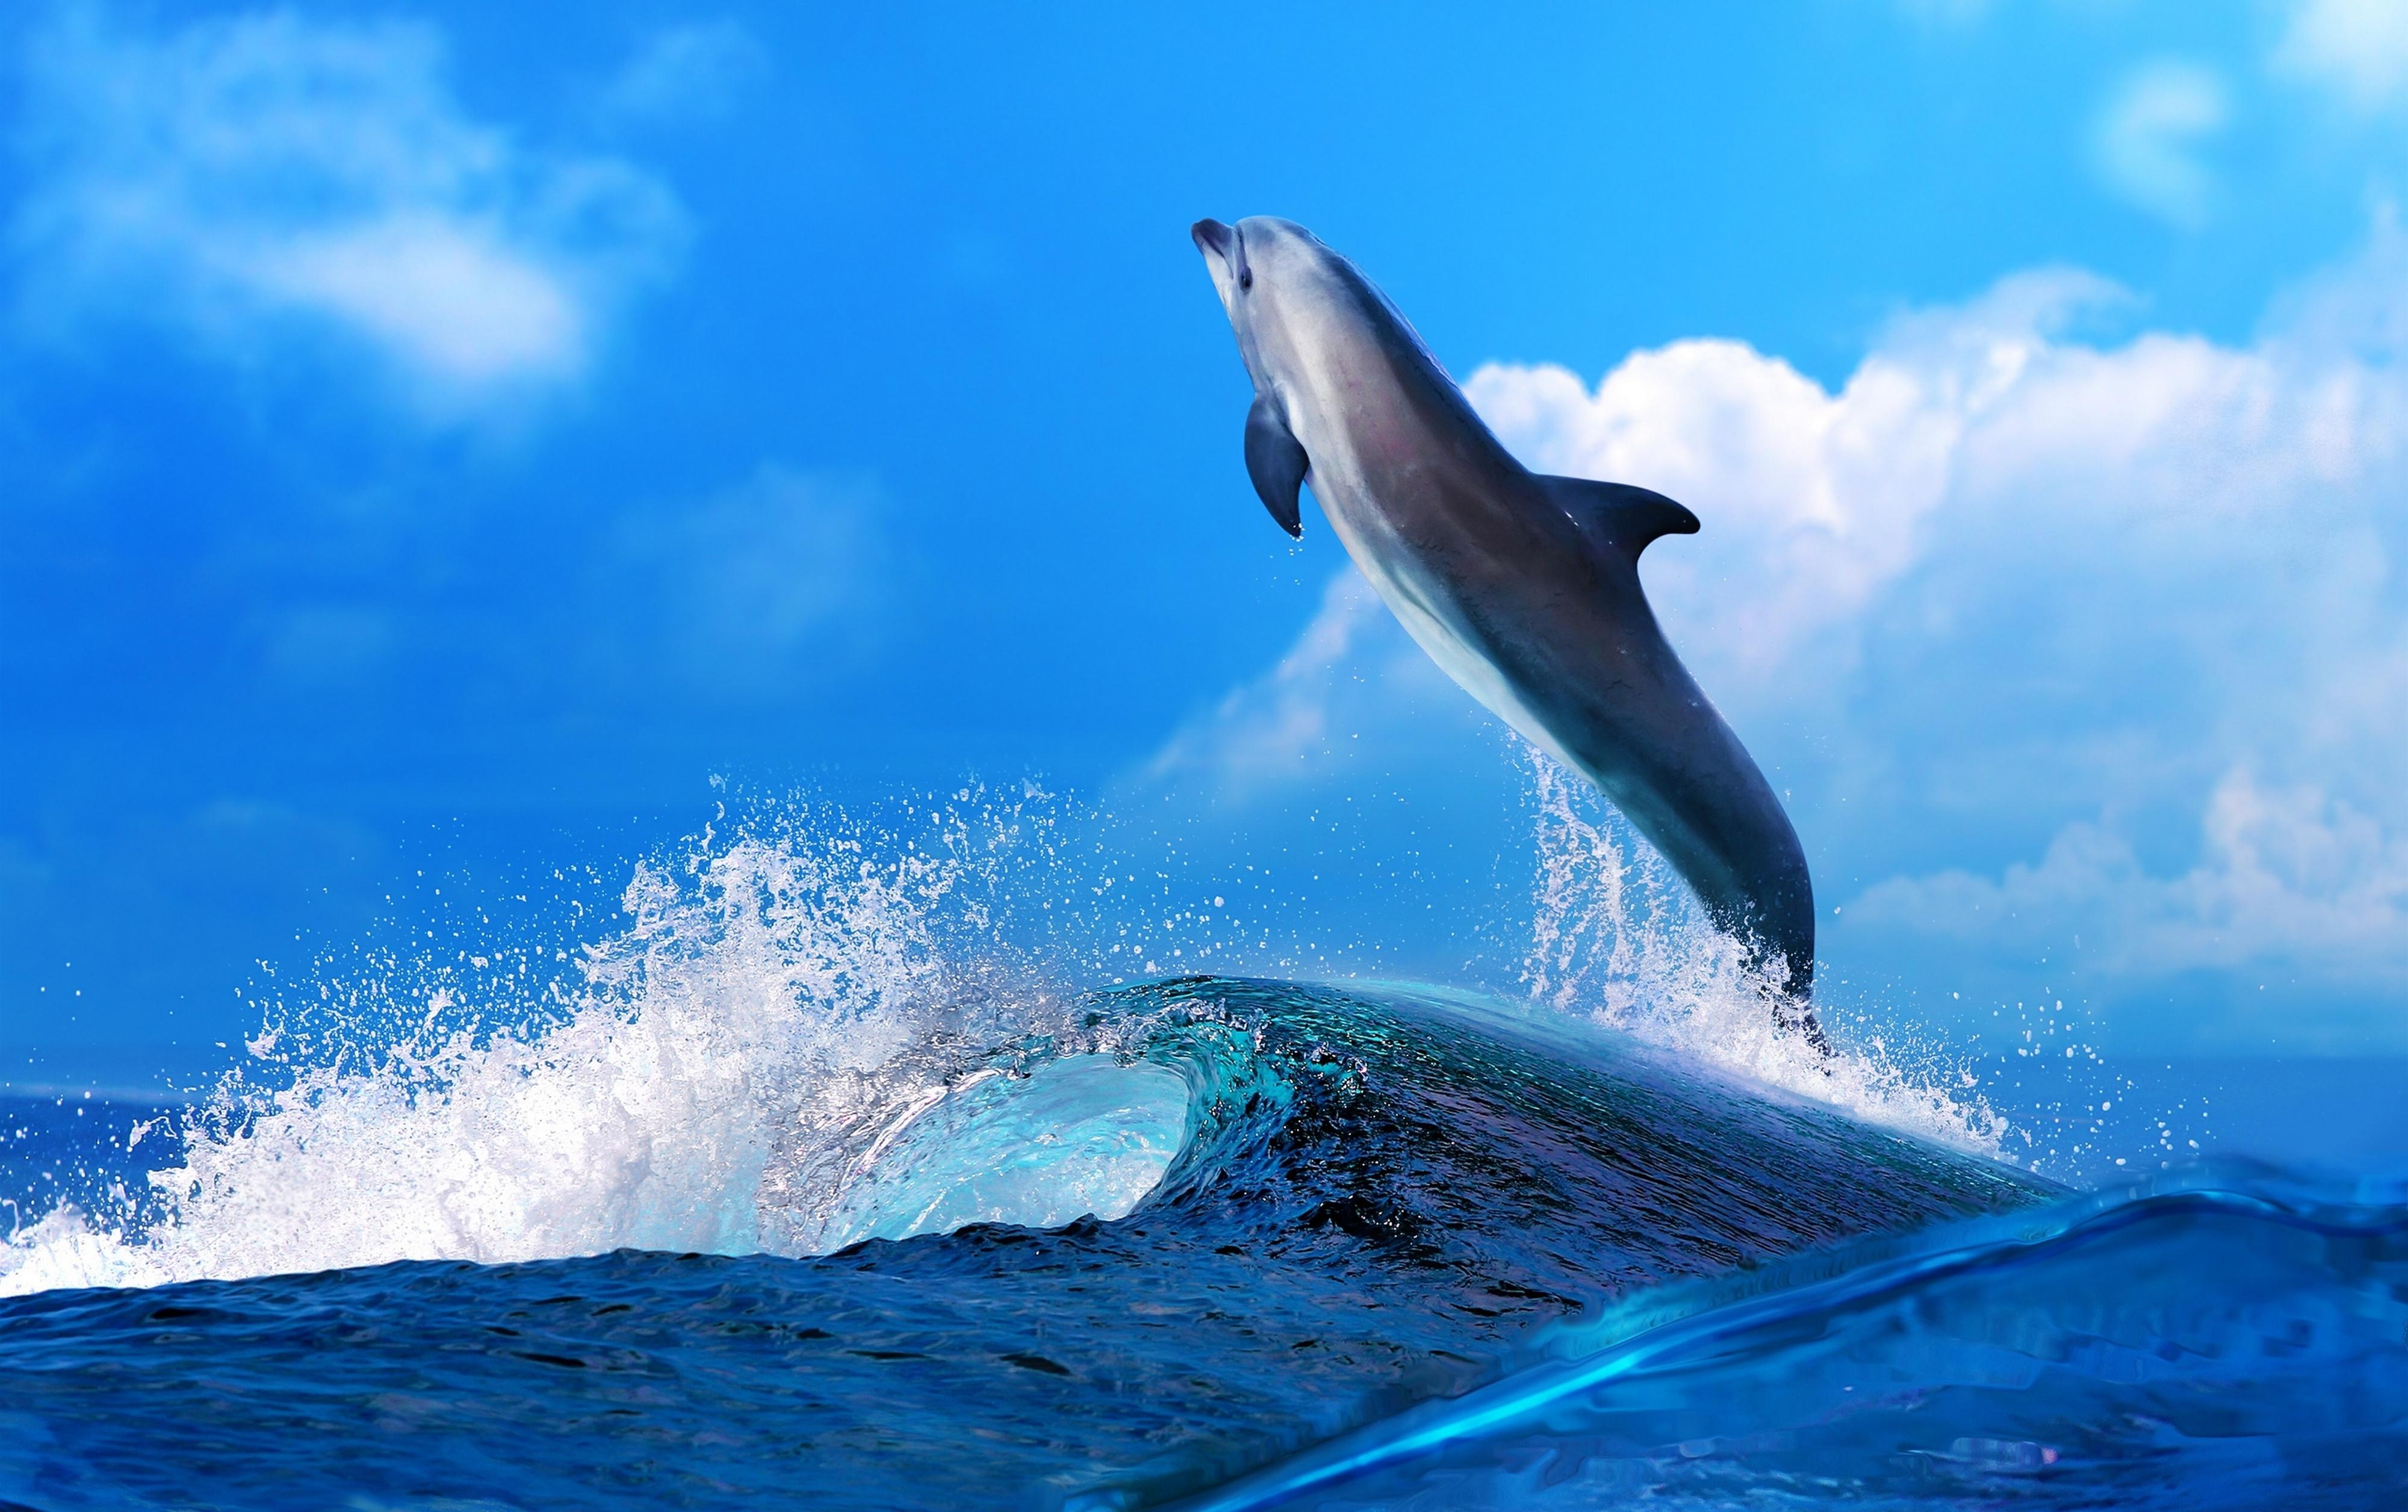 обои широкоформатные на рабочий стол бесплатно море и дельфины № 217005 бесплатно